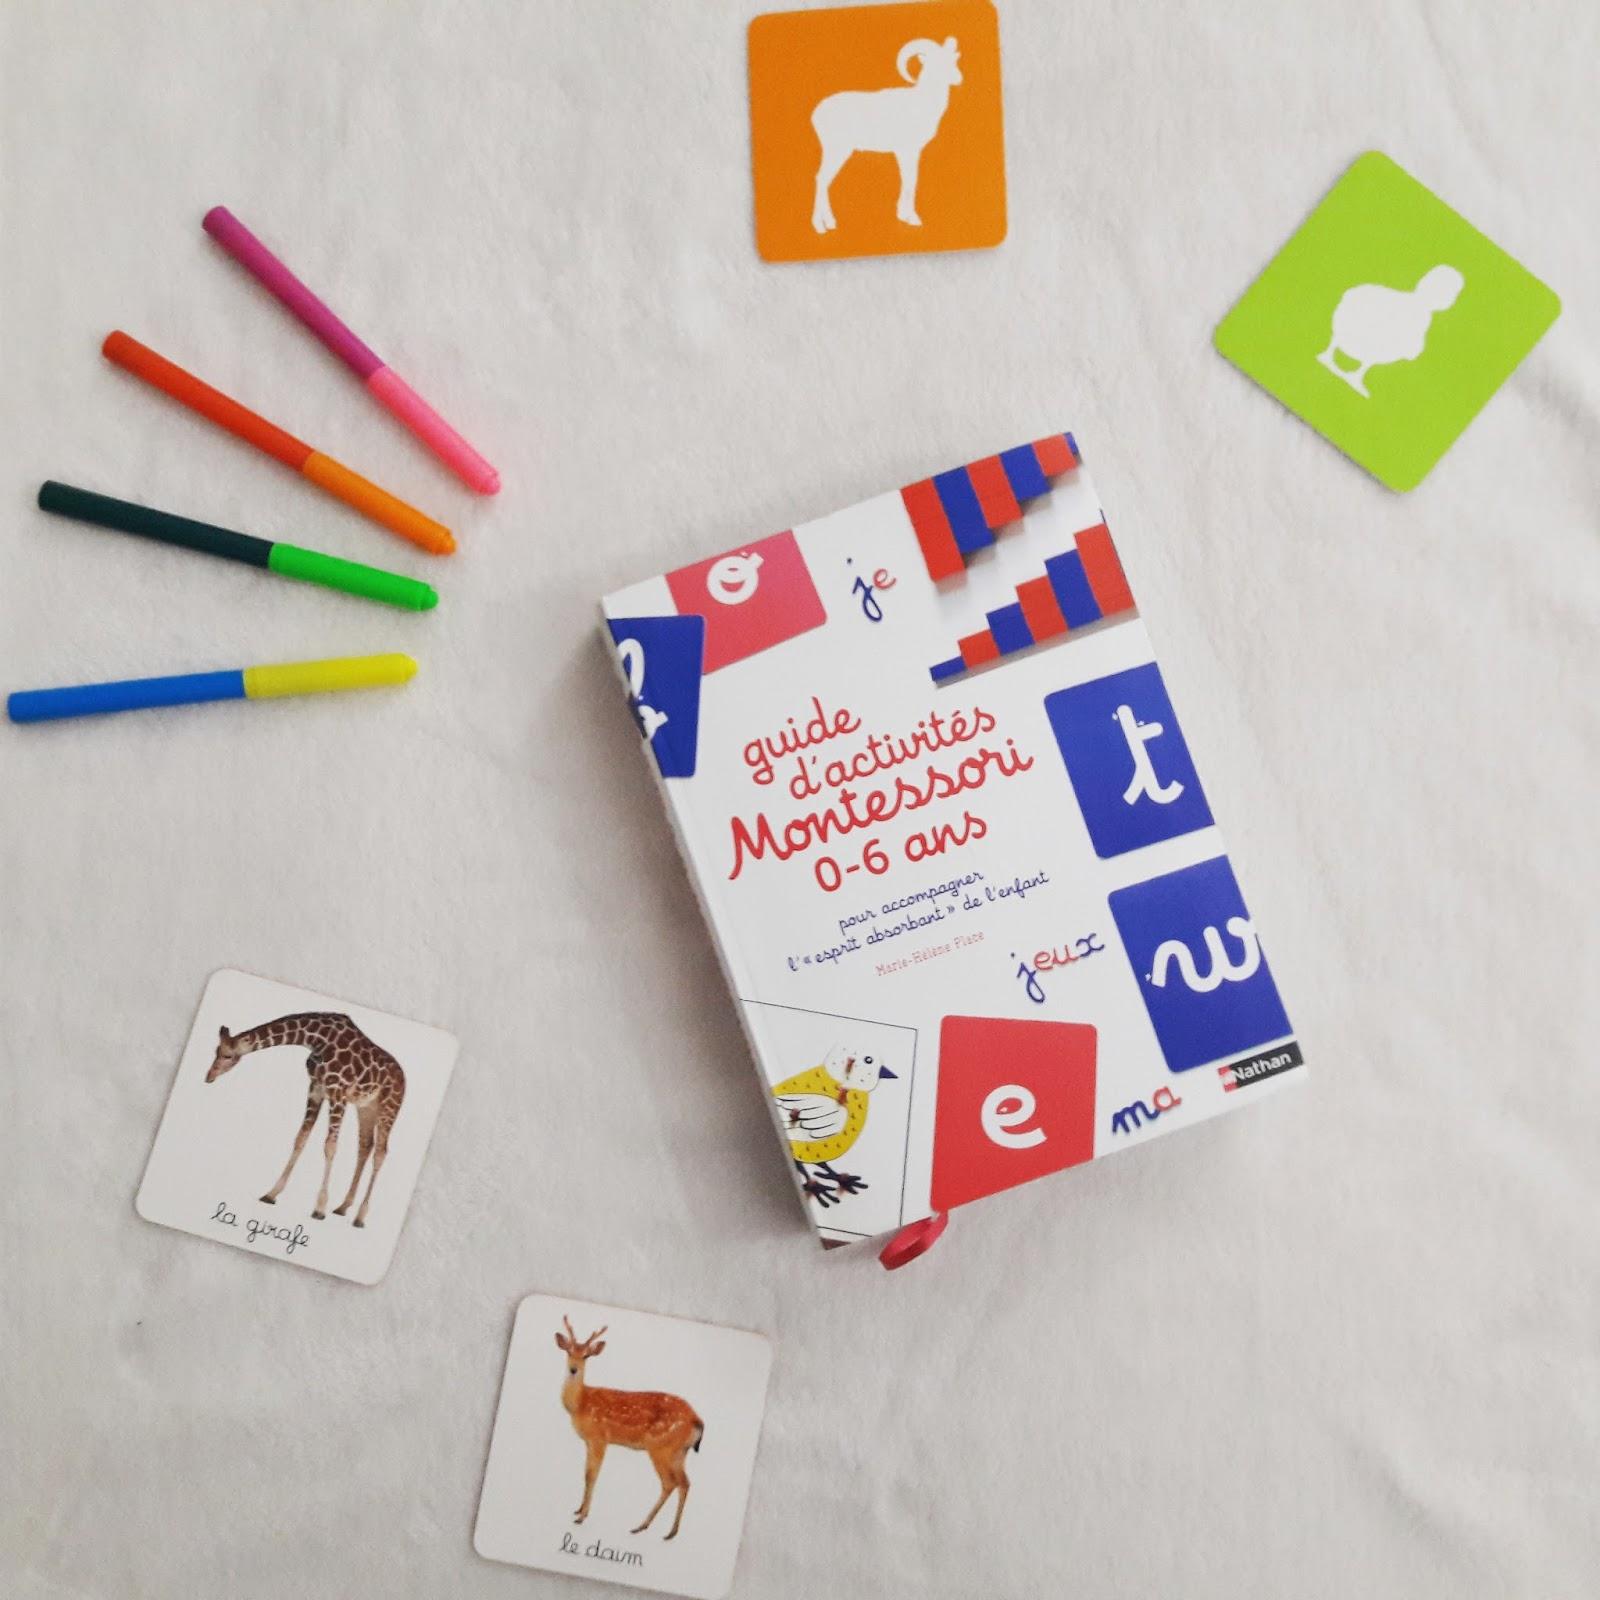 Guide d'activités Montessori 0-6 ans de Marie-Hélène Place